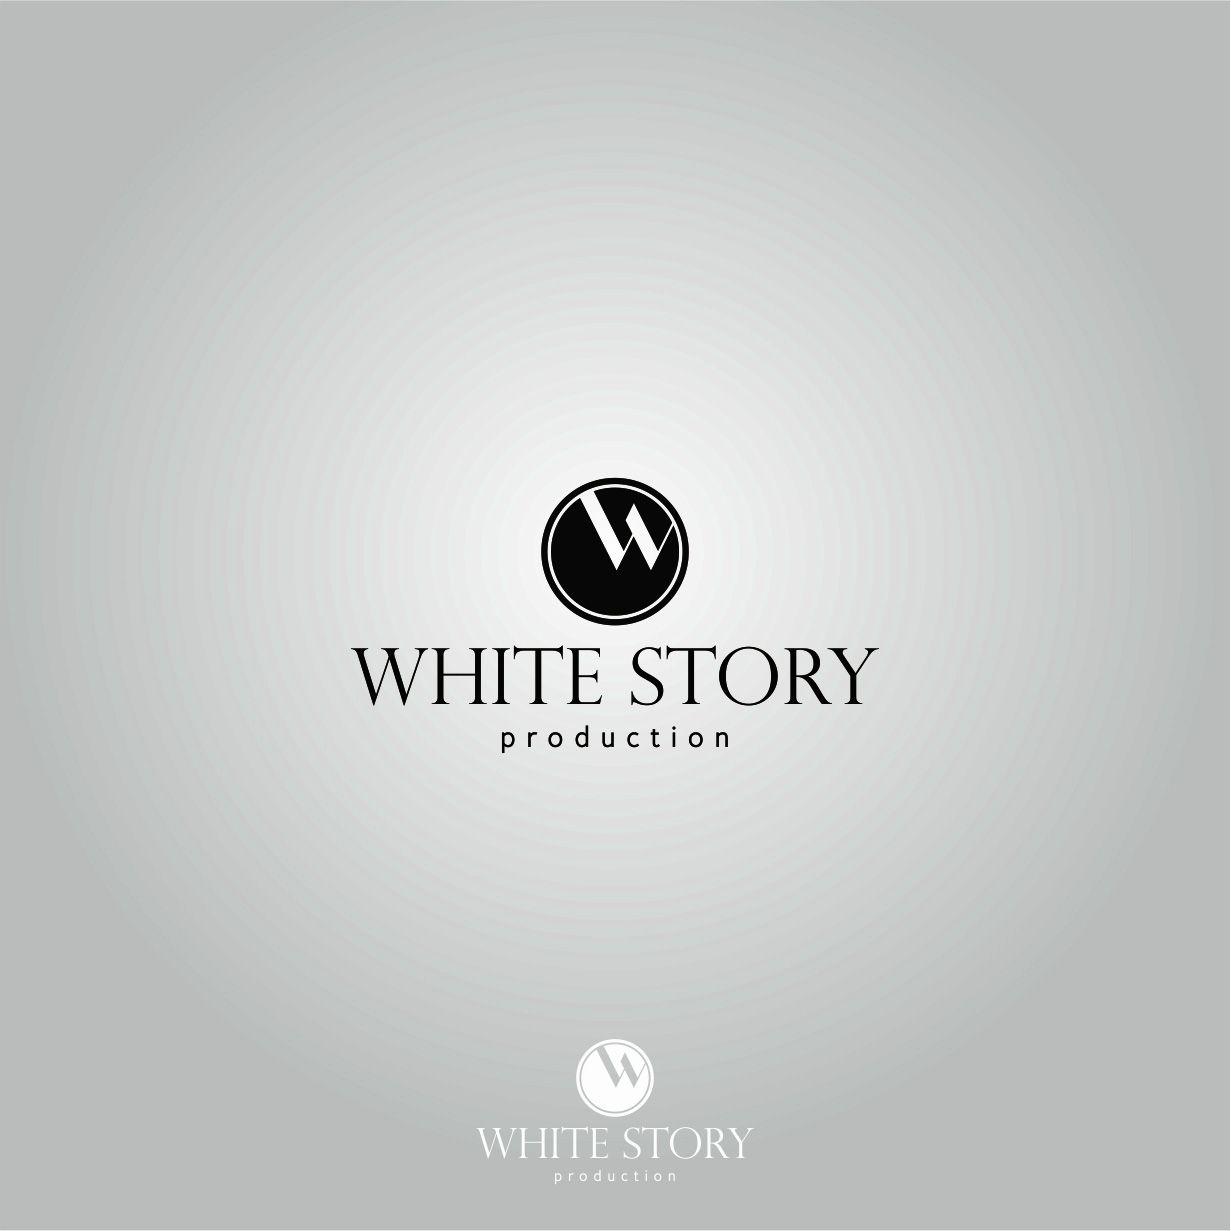 Логотип для Логотип для Фото и Видео продакшена - дизайнер Natalygileva